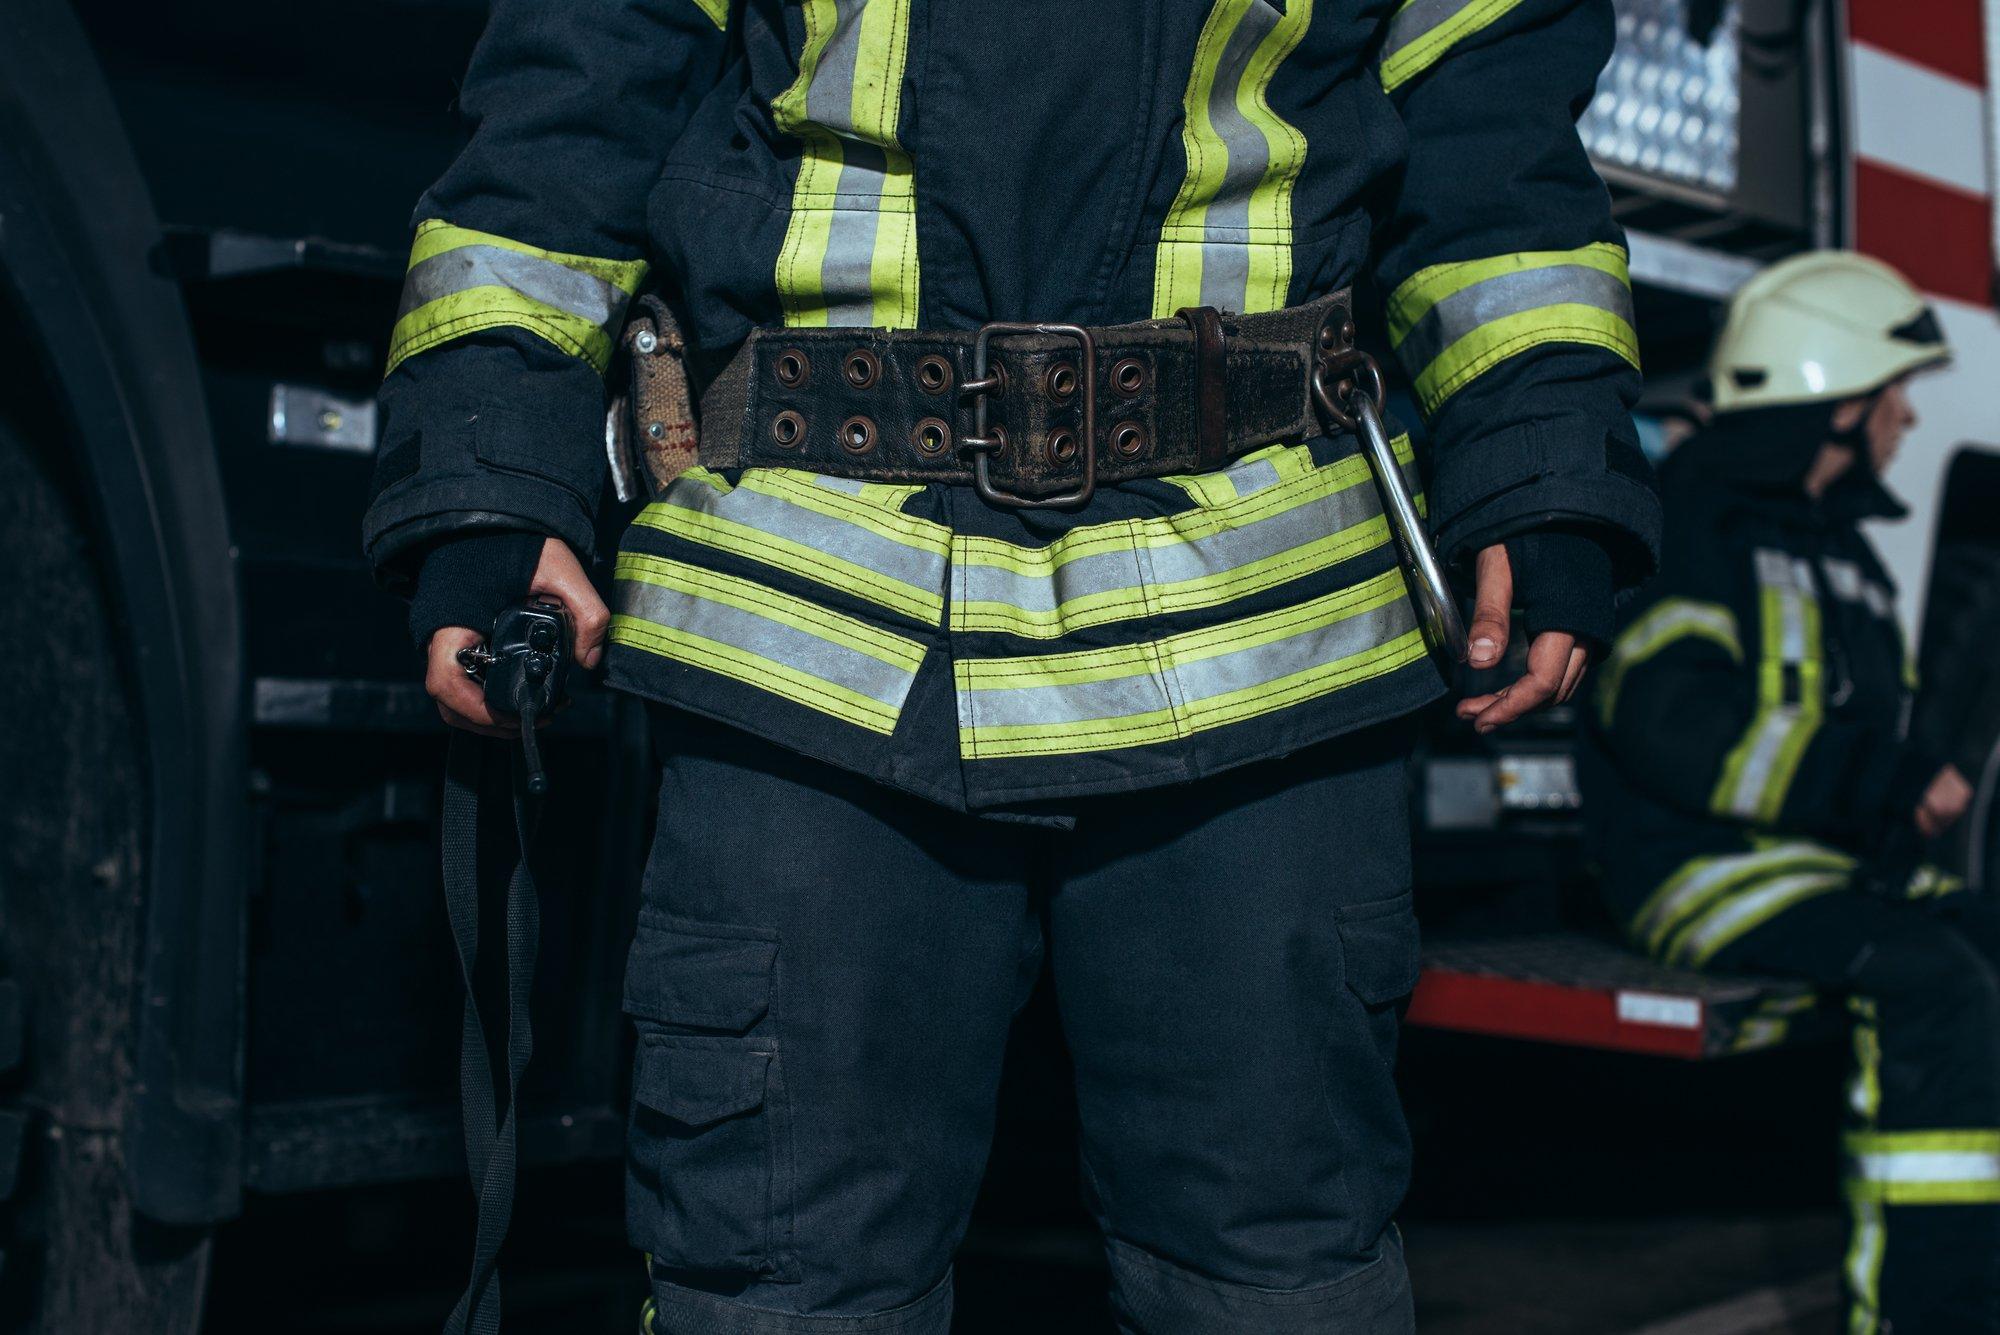 depositphotos 221910914 l 2015.jpg?resize=1200,630 - Viol d'une adolescente par des pompiers : une possible requalification en atteinte sexuelle.